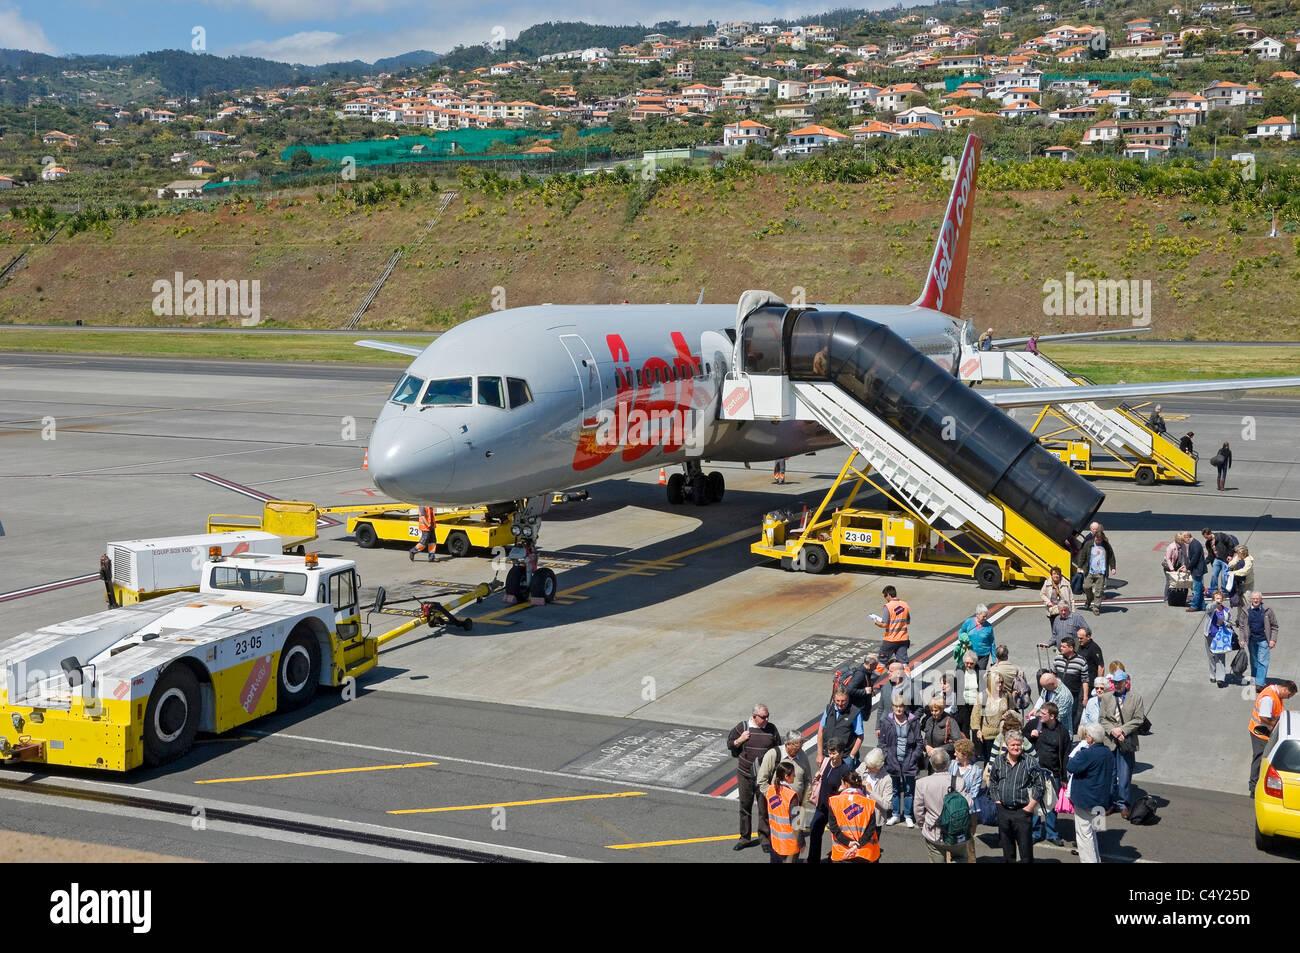 Les passagers débarquant d'avion Jet2 à l'aéroport de Funchal Madeira Portugal Europe de Photo Stock